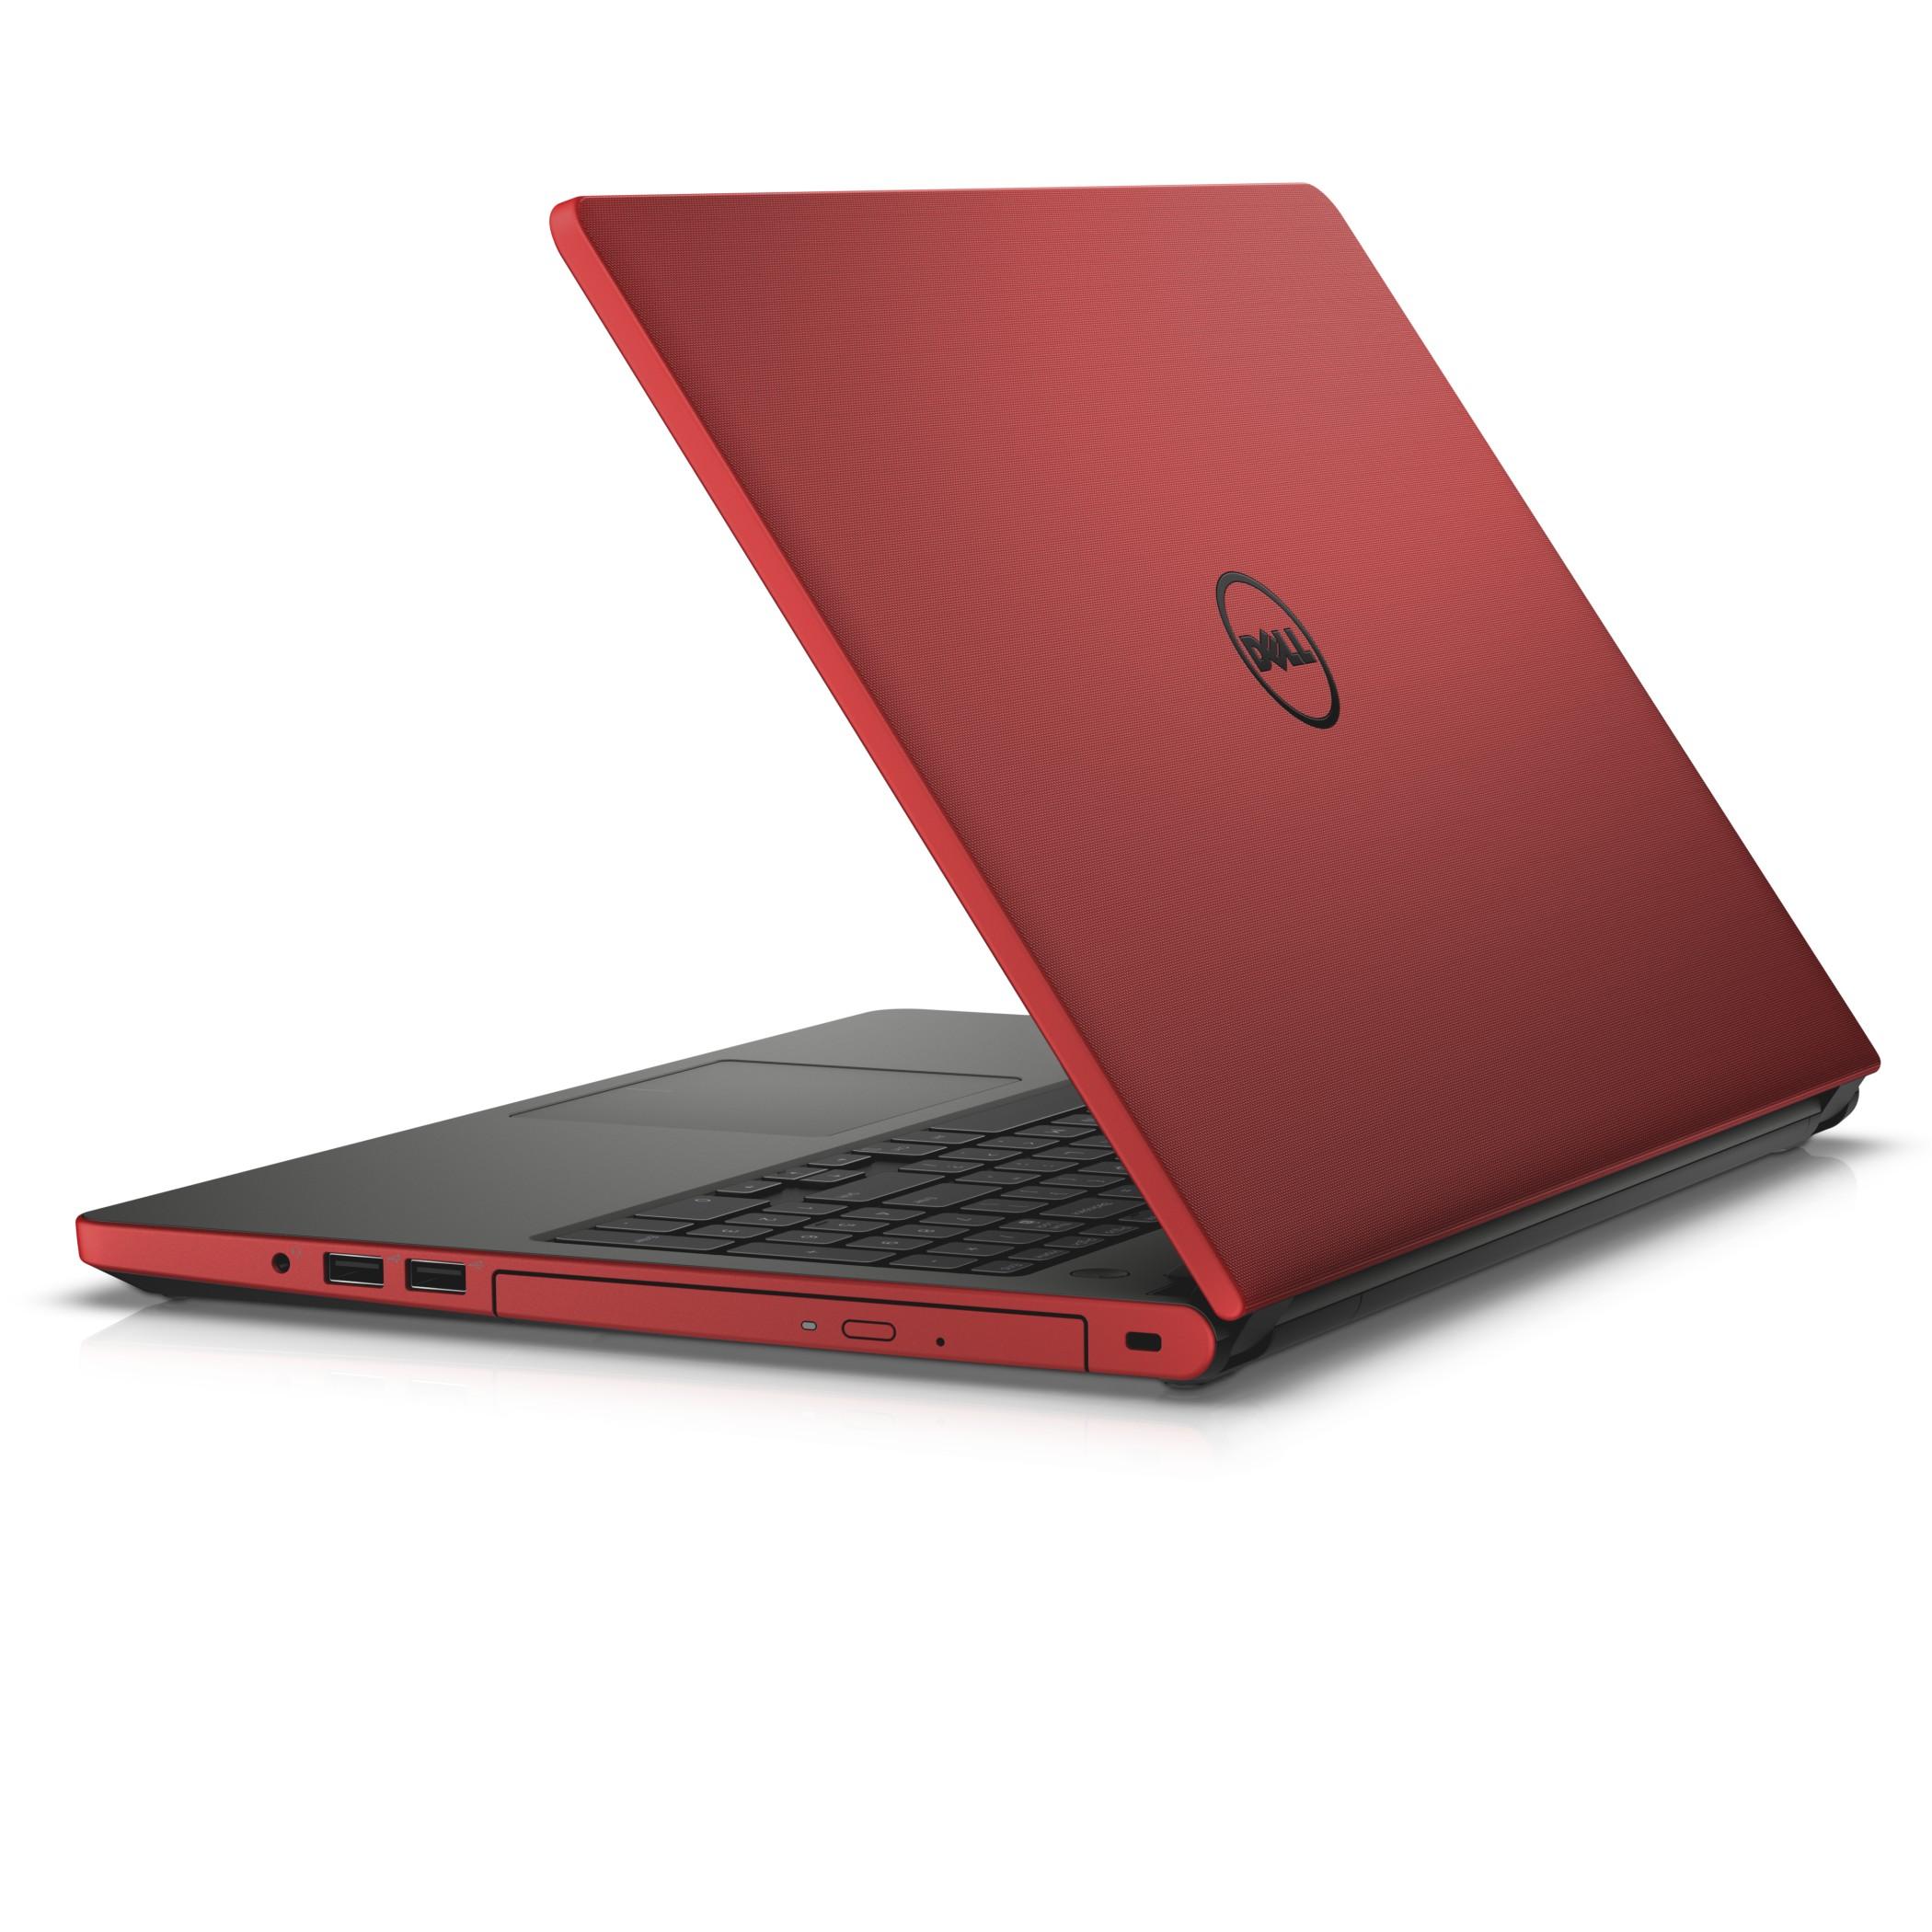 """Dell Inspiron 15 5558 15.6"""" HD i3-5005U/4GB/1TB/920M/HDMI/USB/RJ45/WIFI/BT/MCR/W10/2NBD/Červený"""